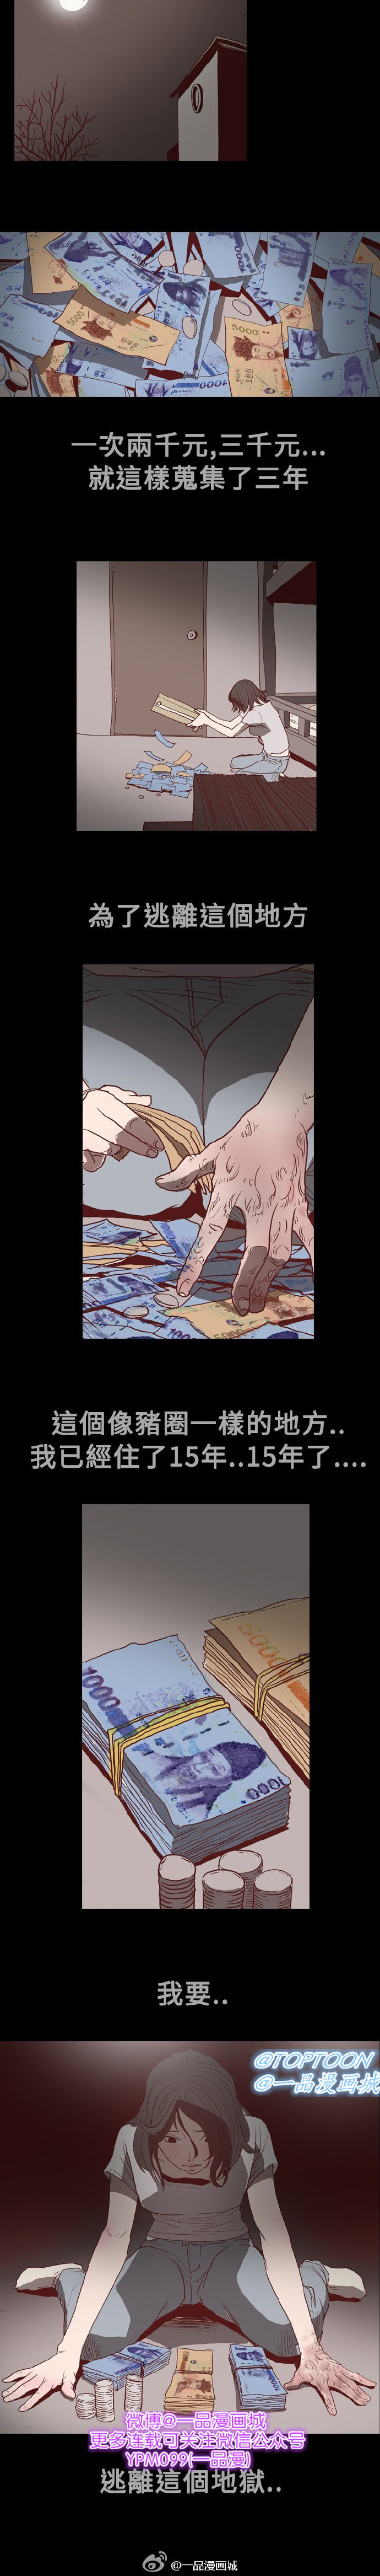 【肤浅女漫画无修全集免费】肤浅女韩漫免费在线阅读